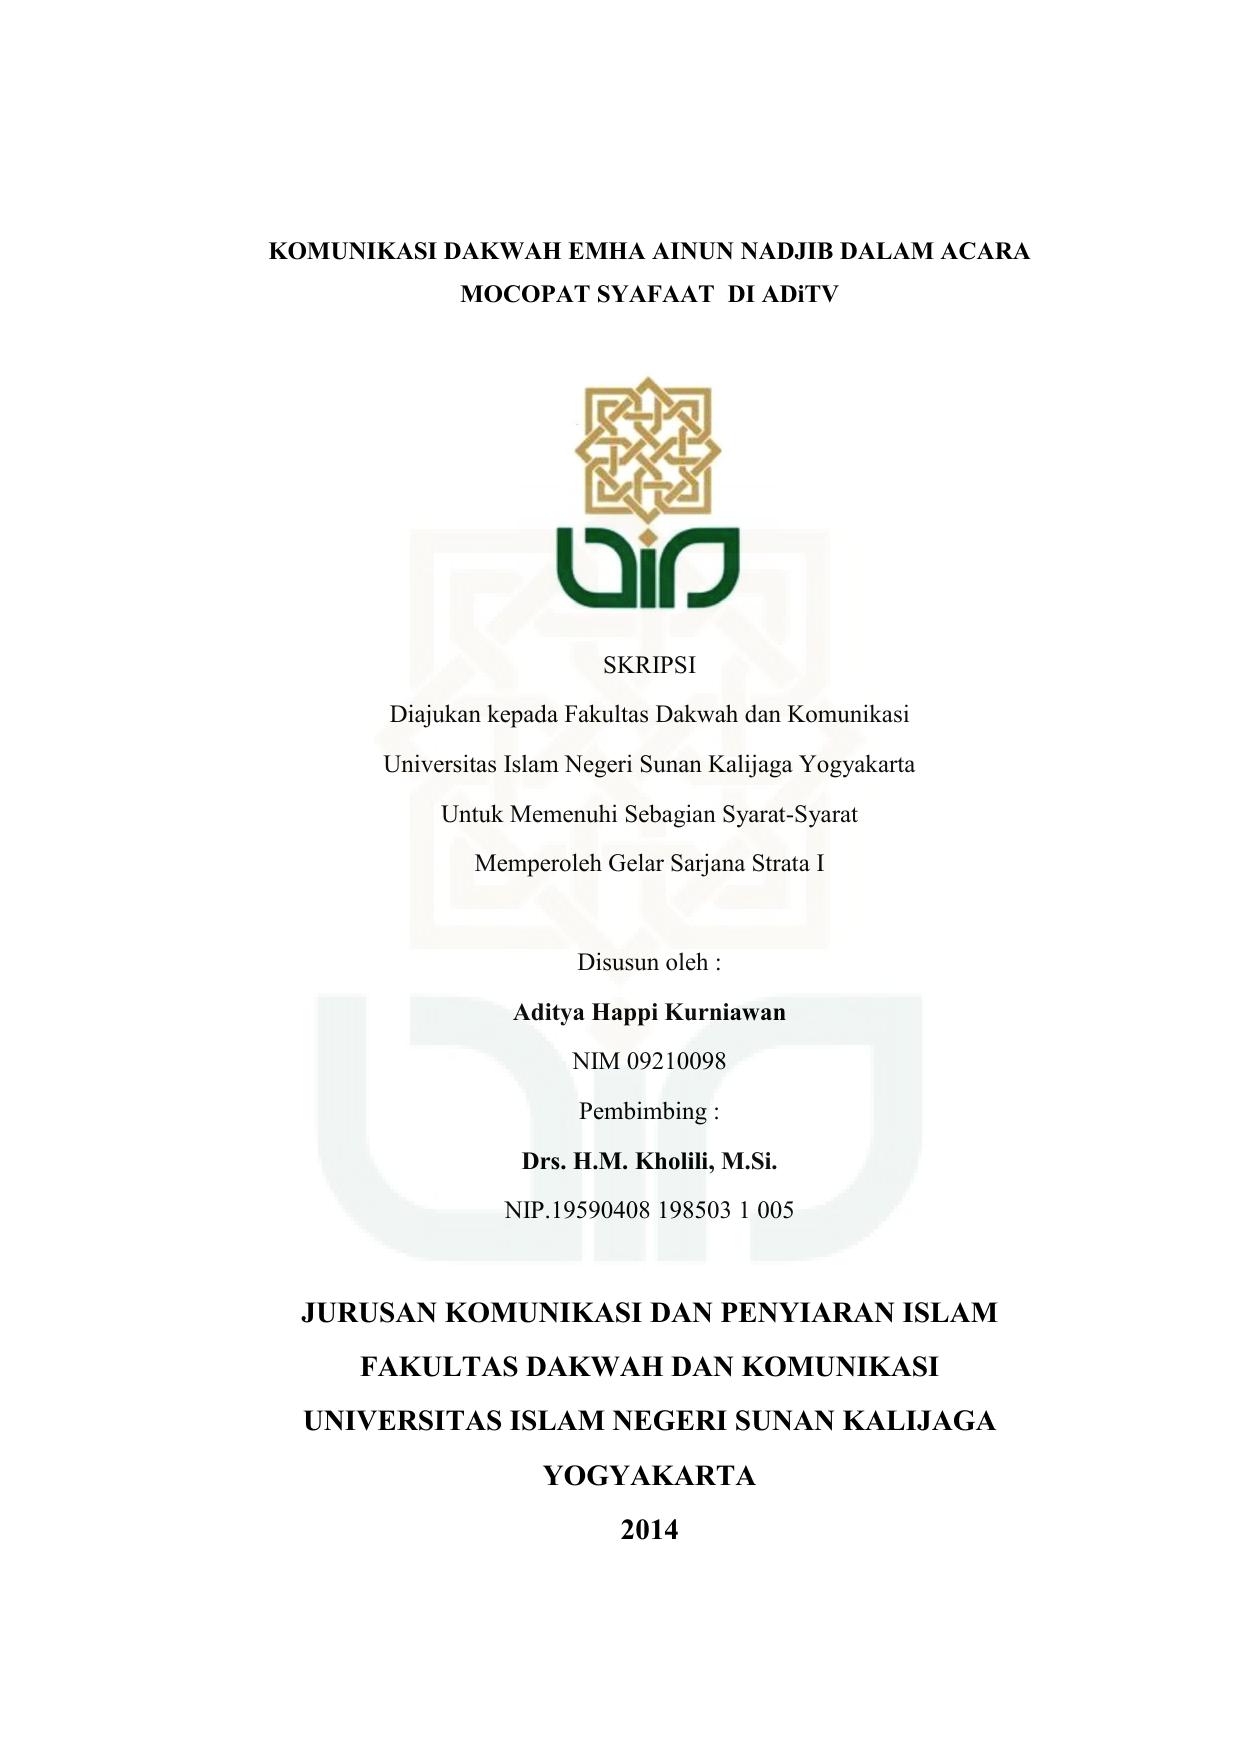 Jurusan Komunikasi Dan Penyiaran Islam Fakultas Dakwah Dan